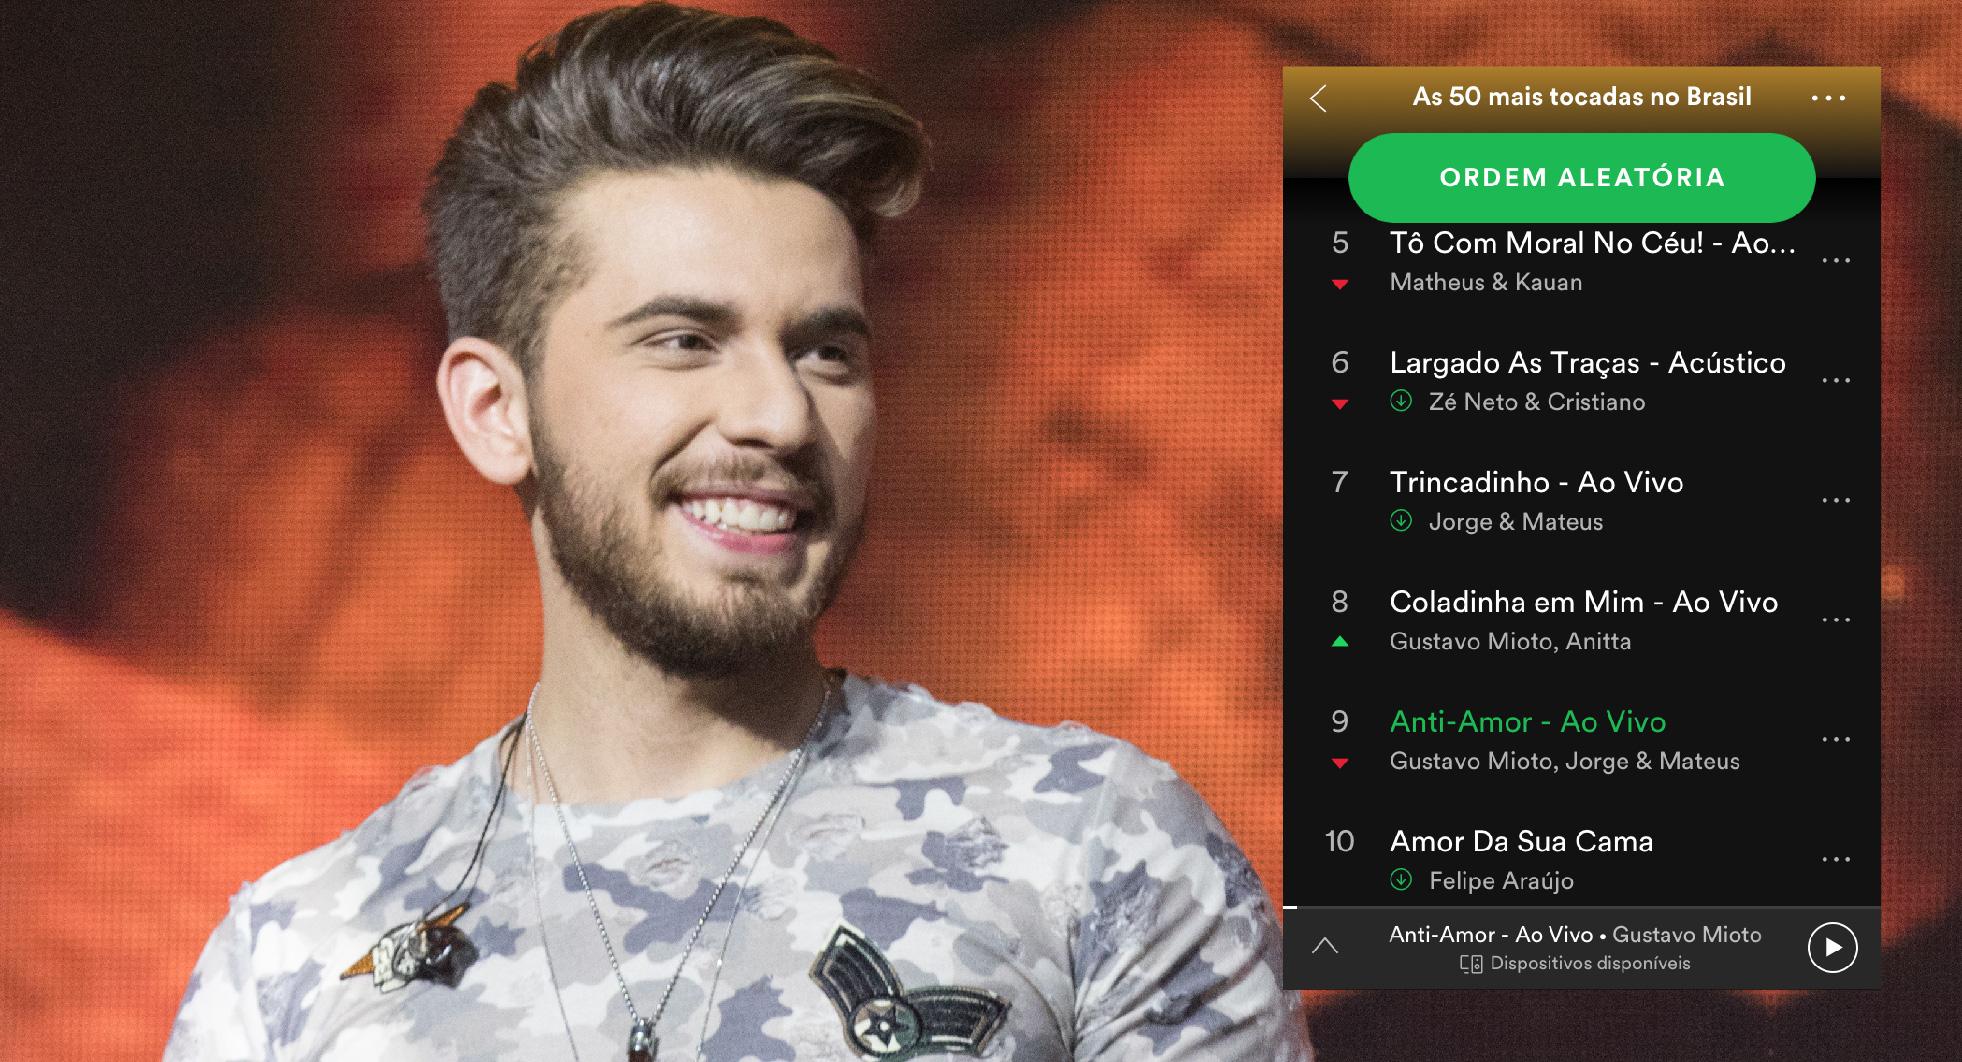 Gustavo Mioto emplaca duas músicas do novo DVD no top 10 do Spotify Brasil